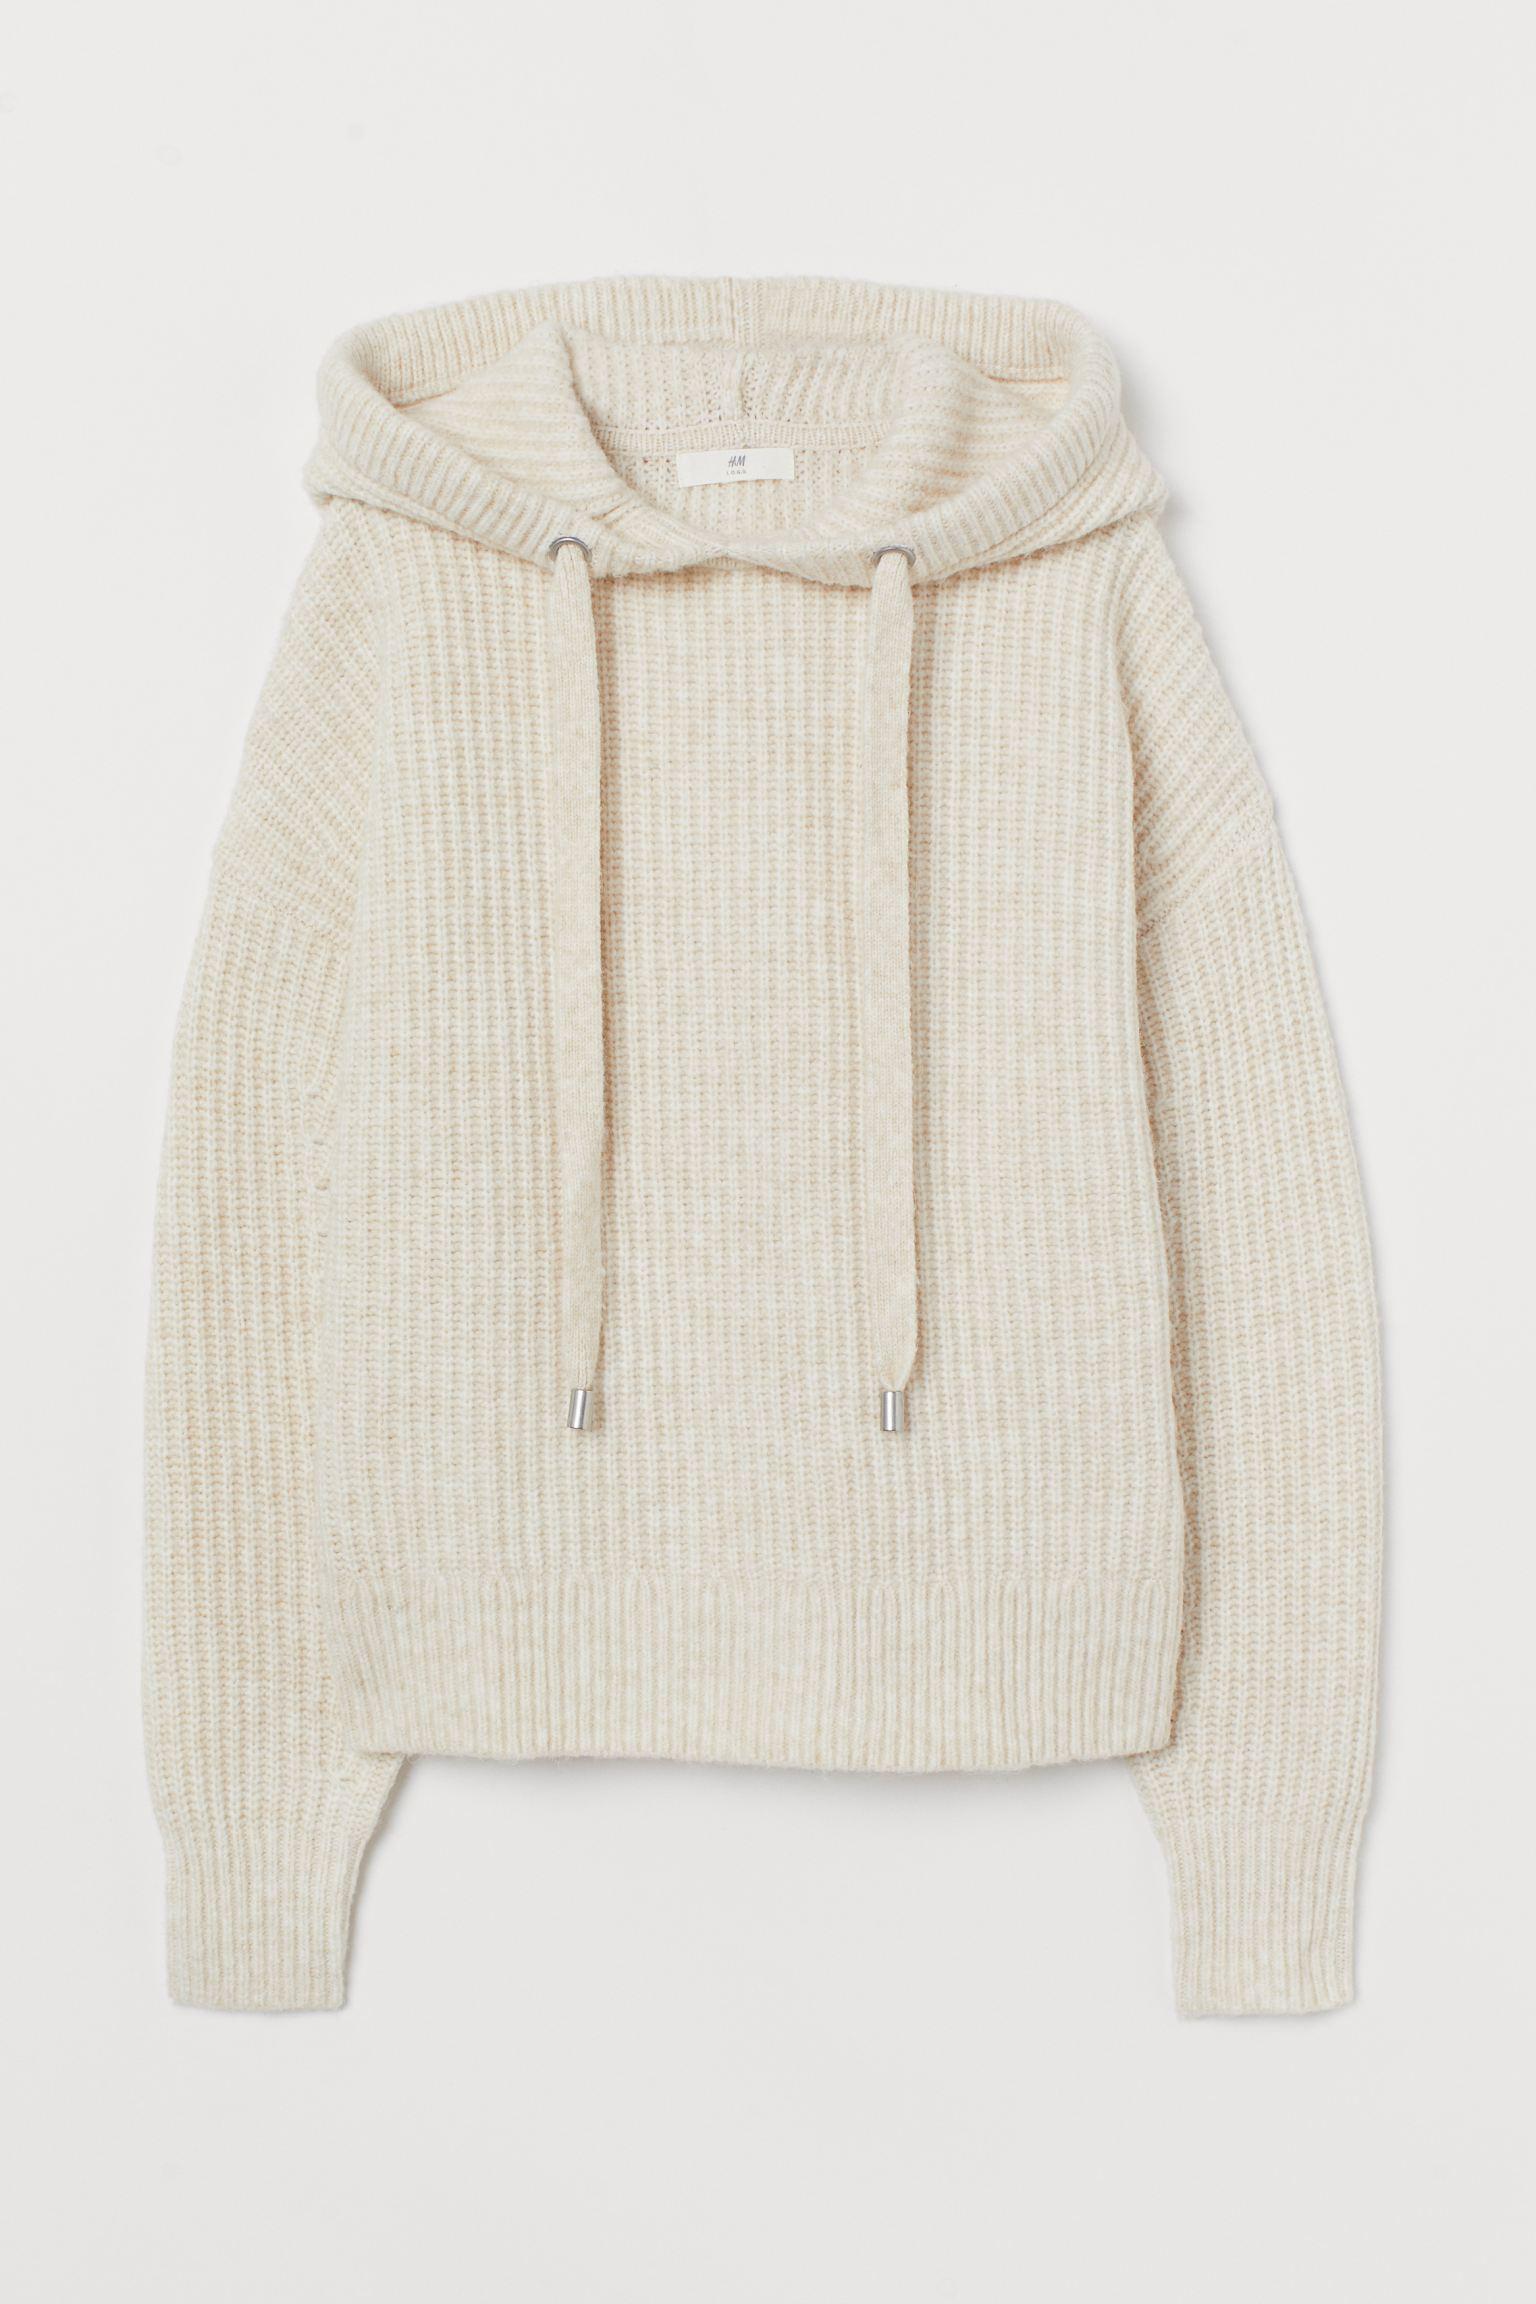 Jersey en punto de canalé suave con lana en la trama. Modelo de corte relajado con hombros caídos, capucha con cordón de ajuste y remate de canalé en puños y bajo. Confeccionado con poliéster reciclado.